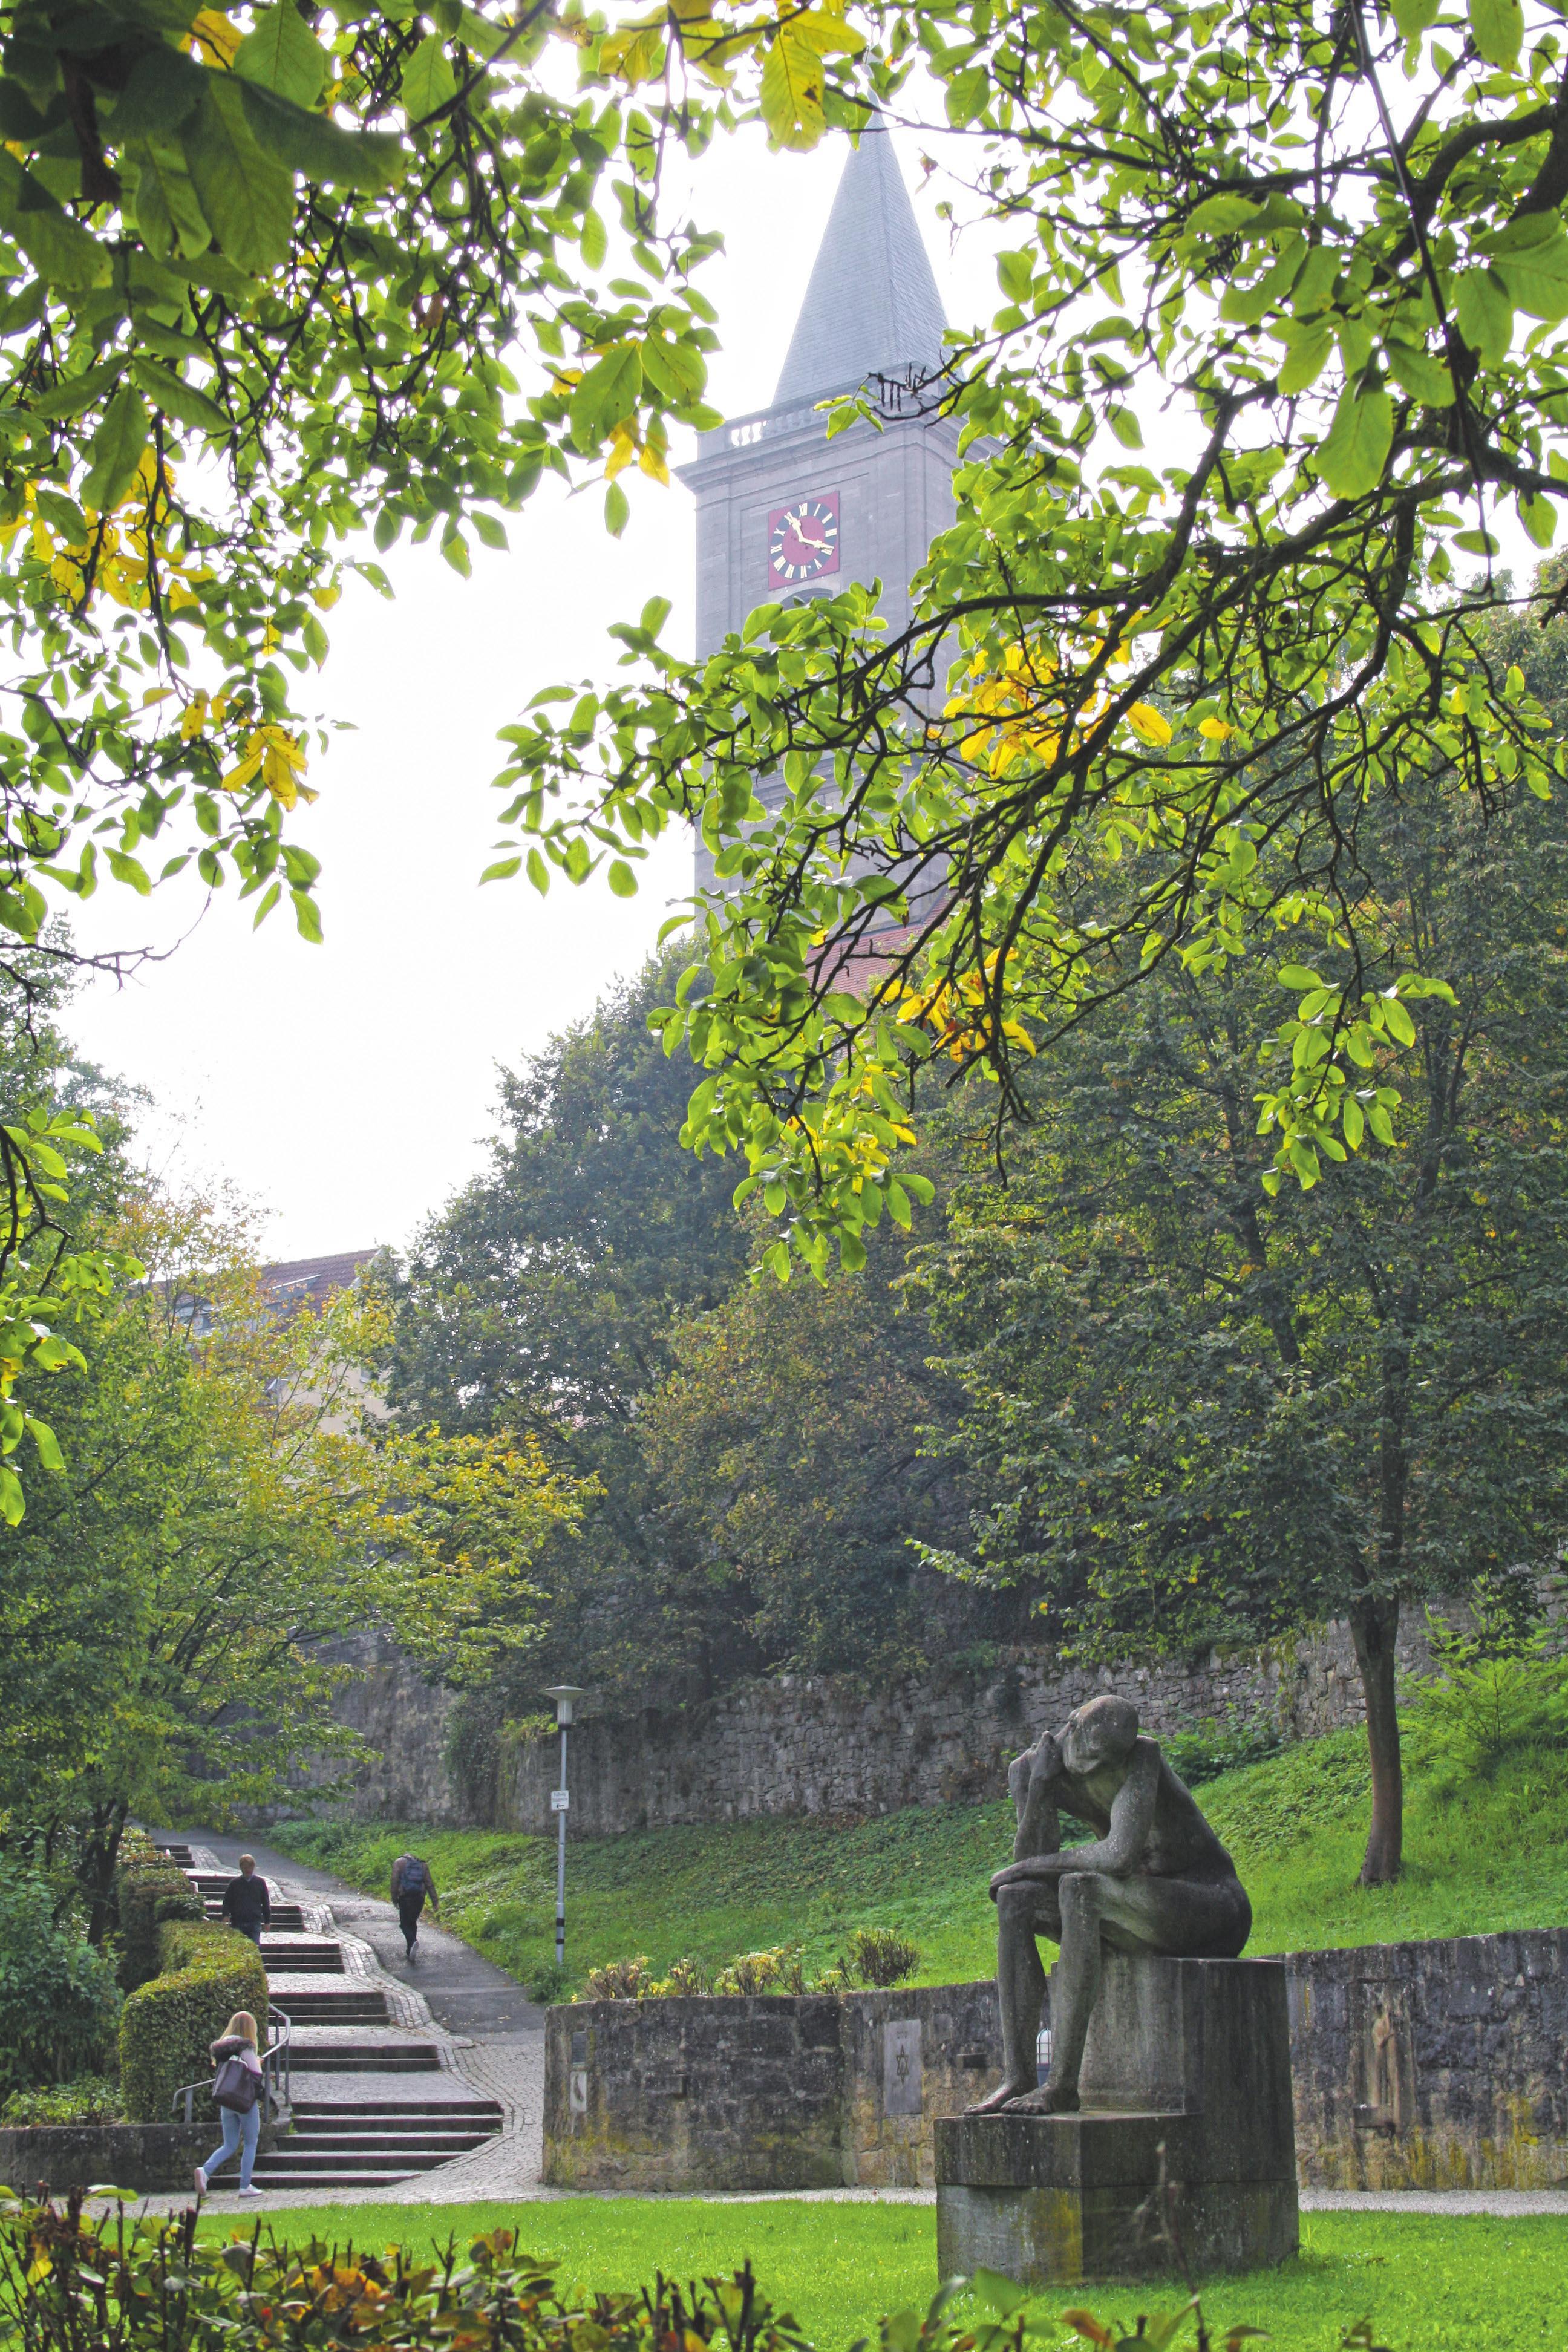 Stadtmauer mit Stadtpfarrkirche Mariä Himmelfahrt im Hintergrund Foto: Jessica Rohrbach